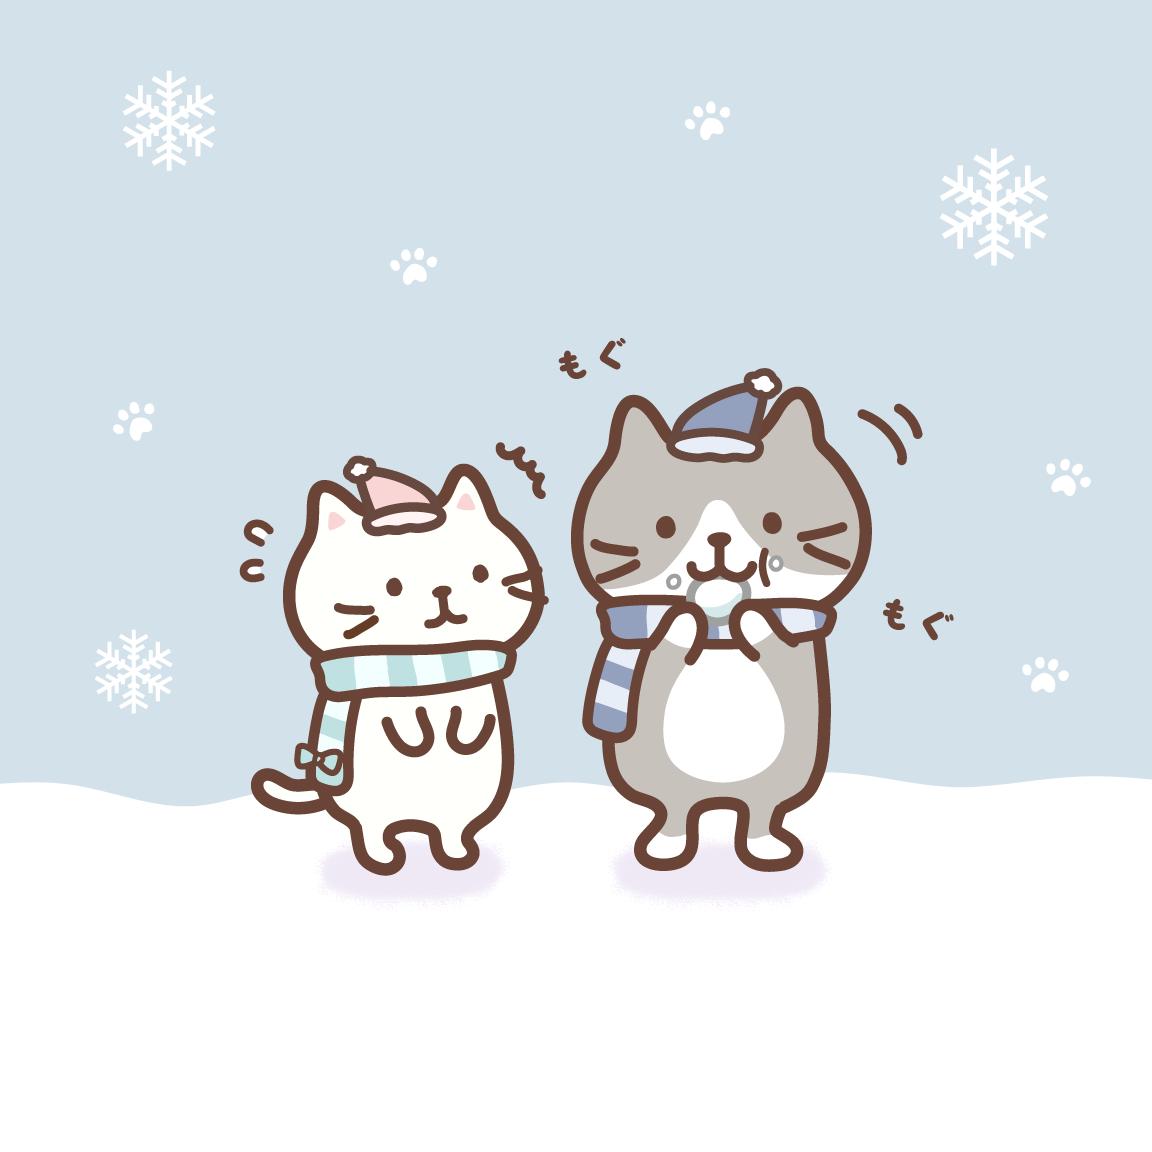 雪を食べるハッチに驚くしろたまちゃん